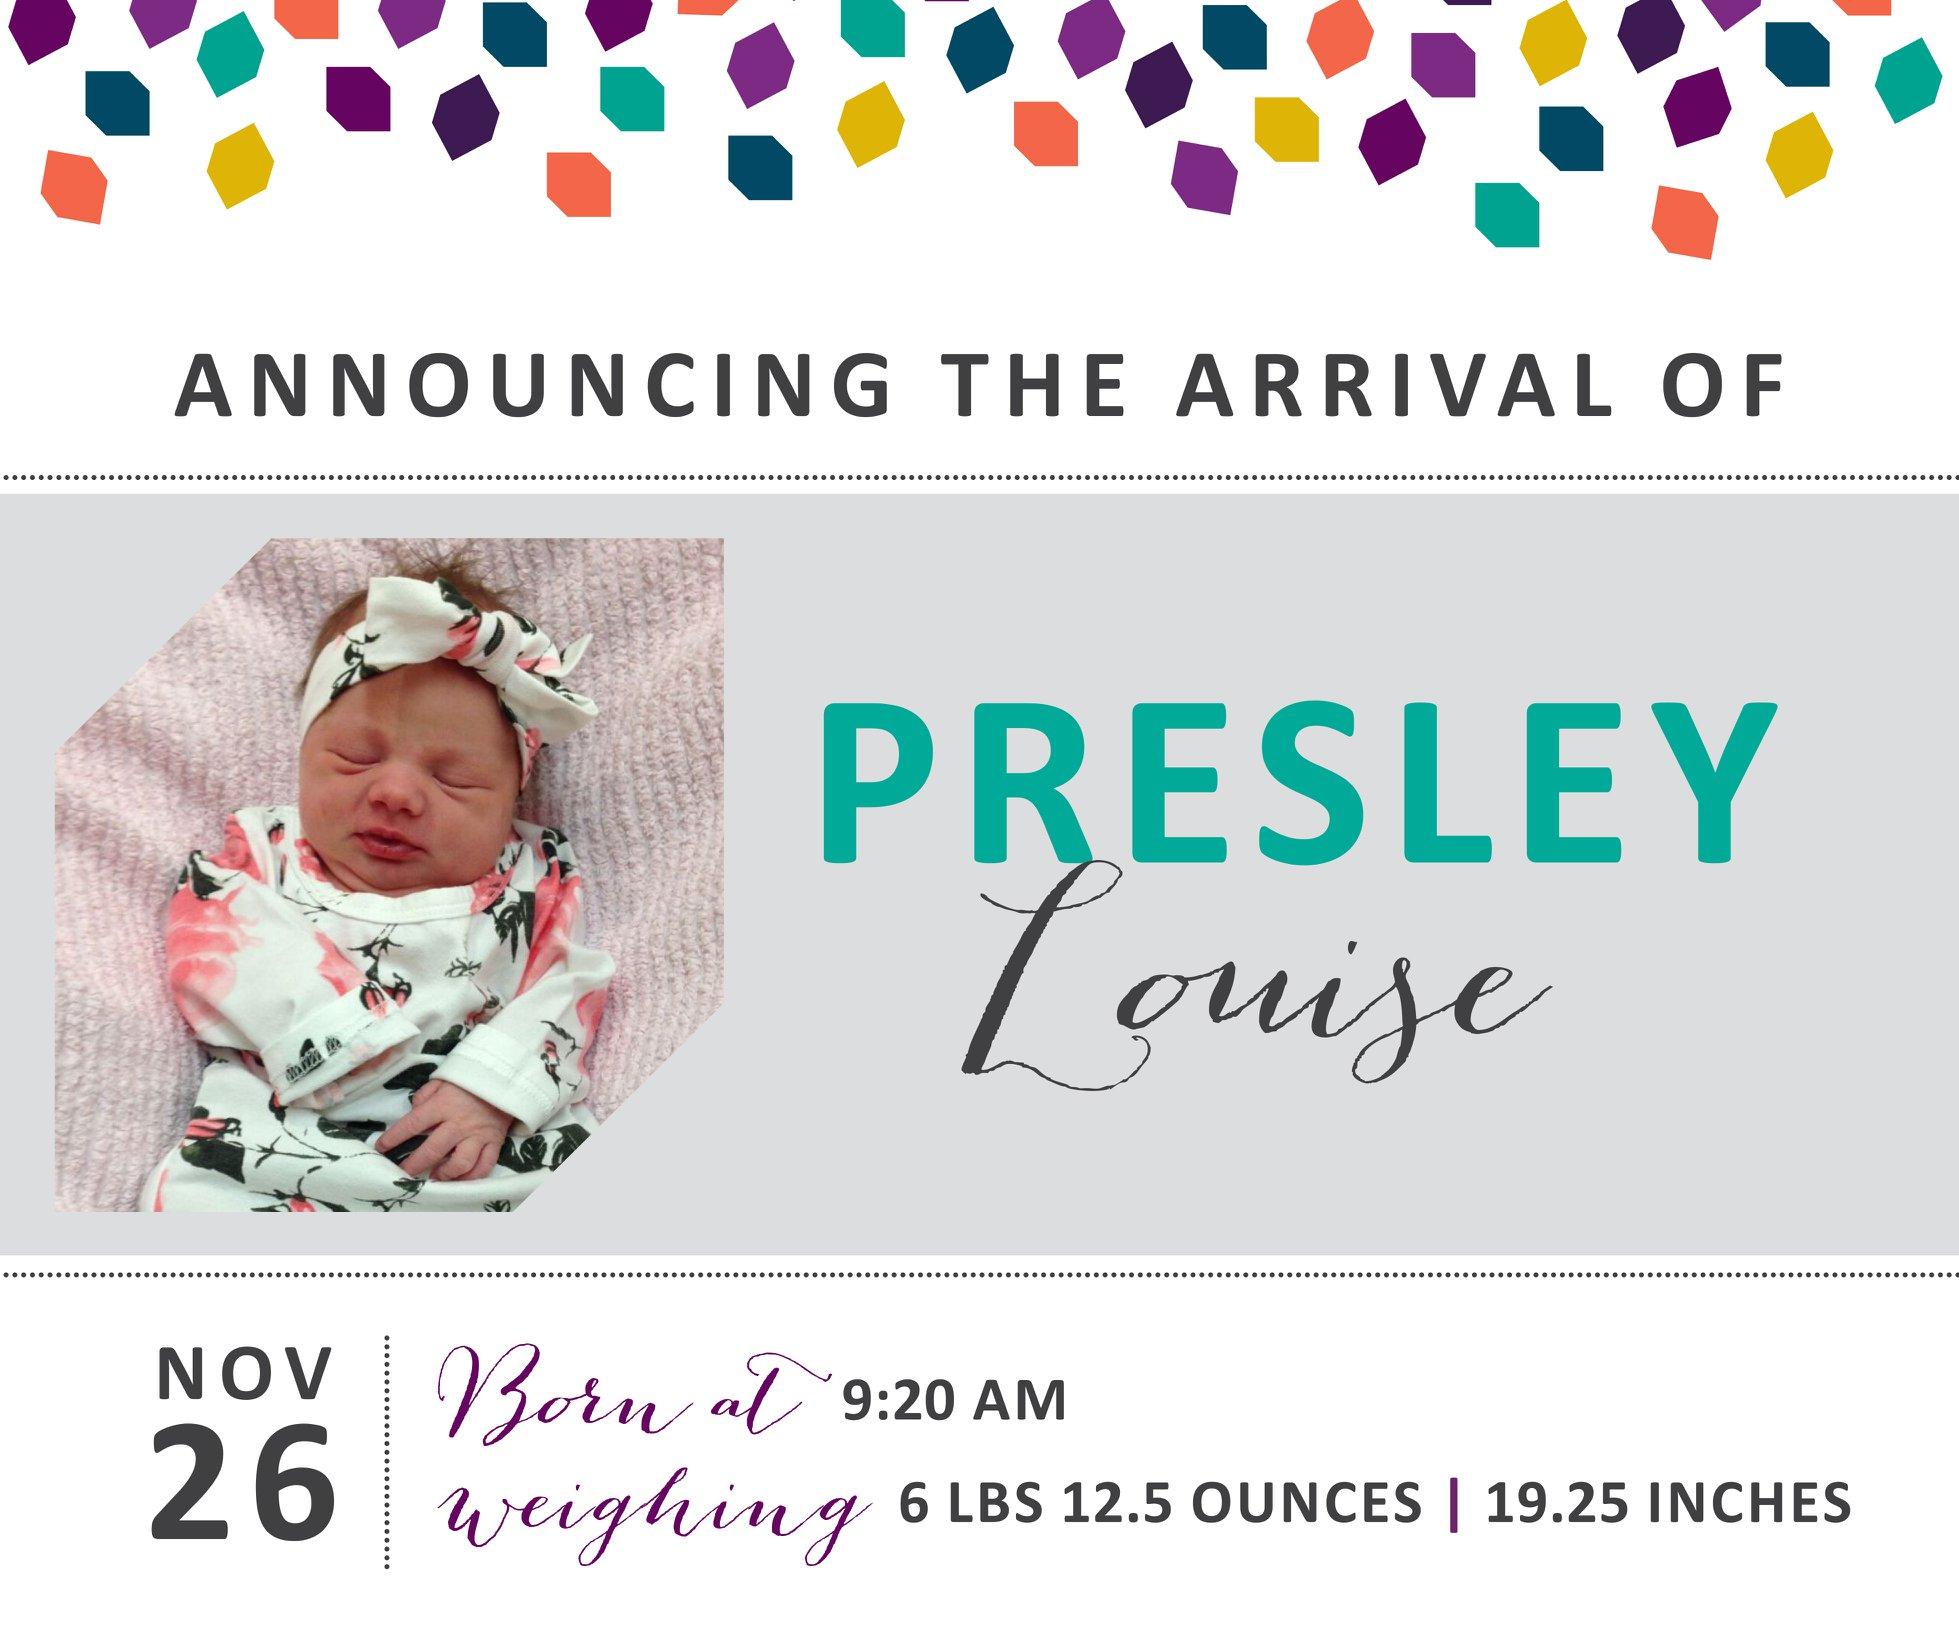 Presley Louise 1